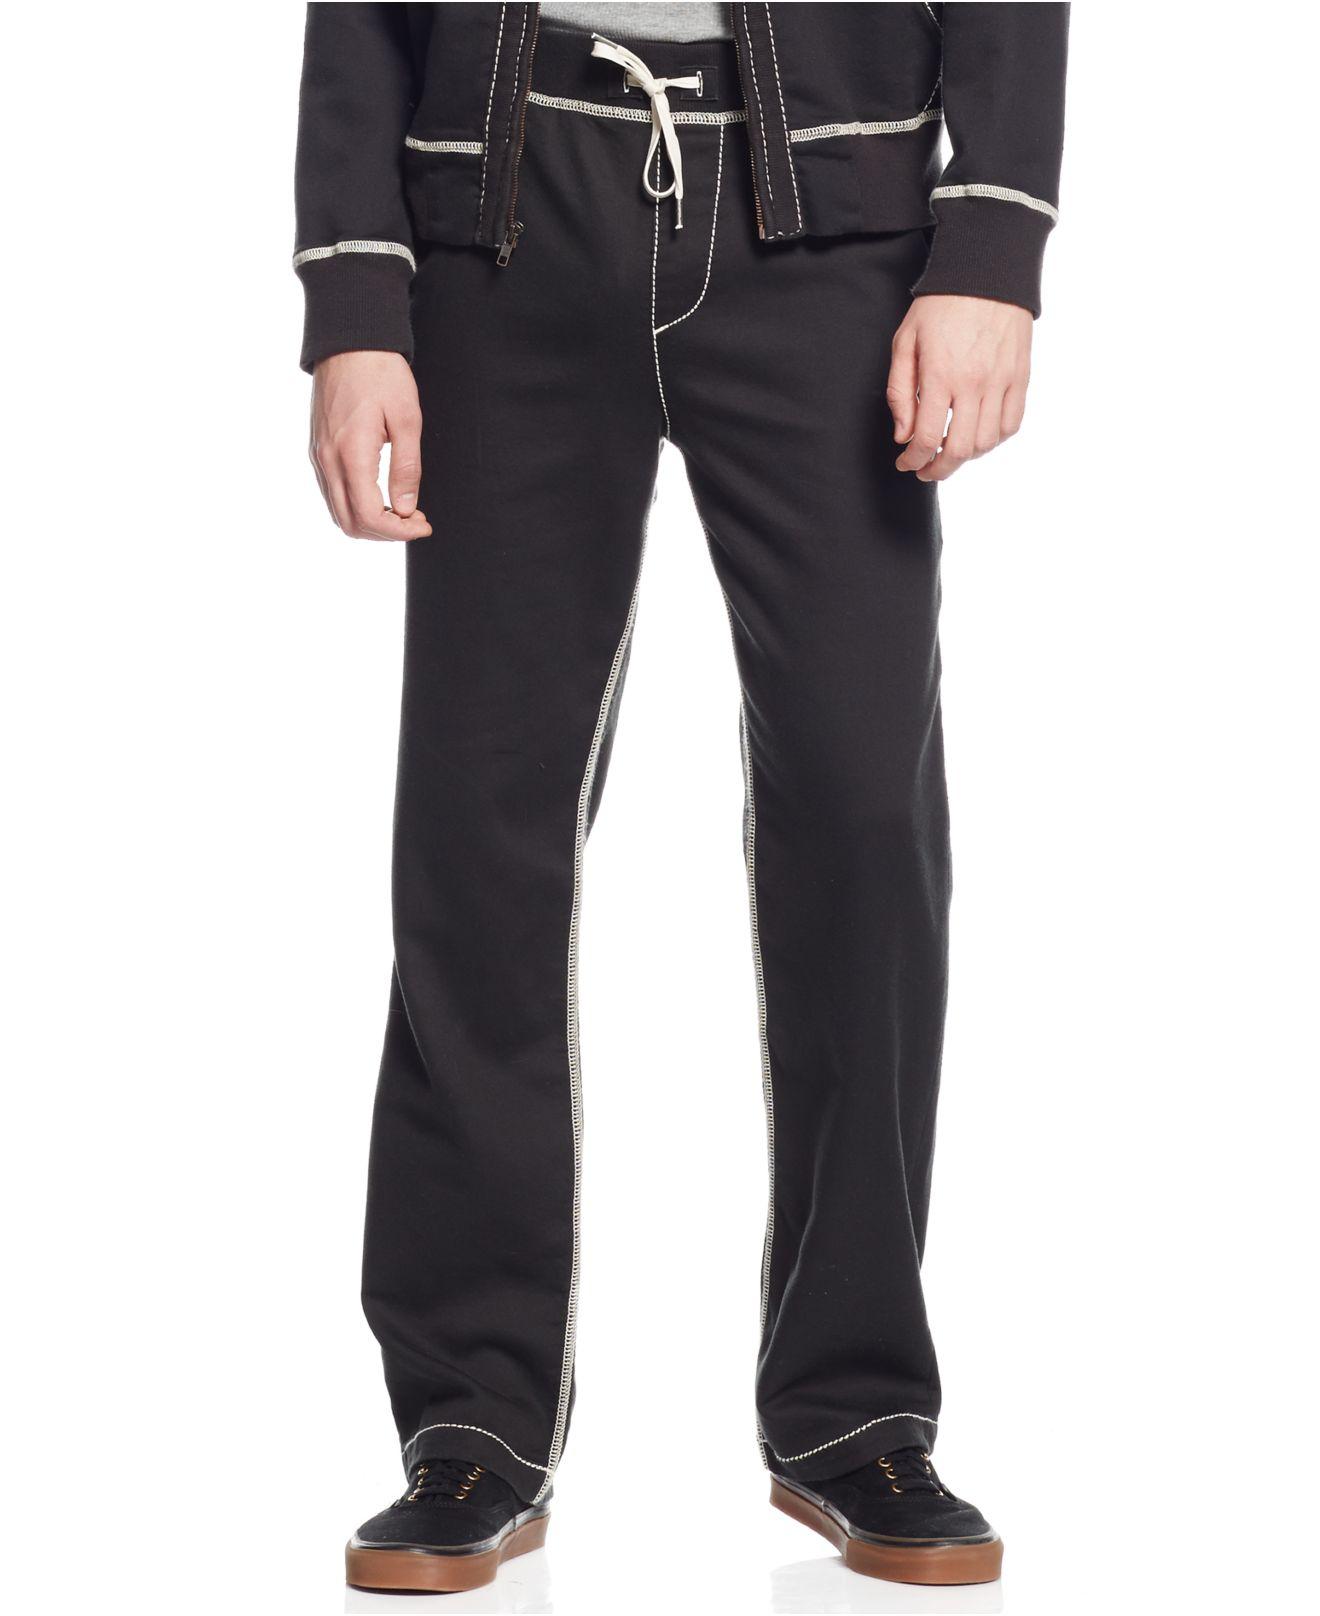 b536dddee True Religion Wide Leg Sweatpants in Black for Men - Lyst